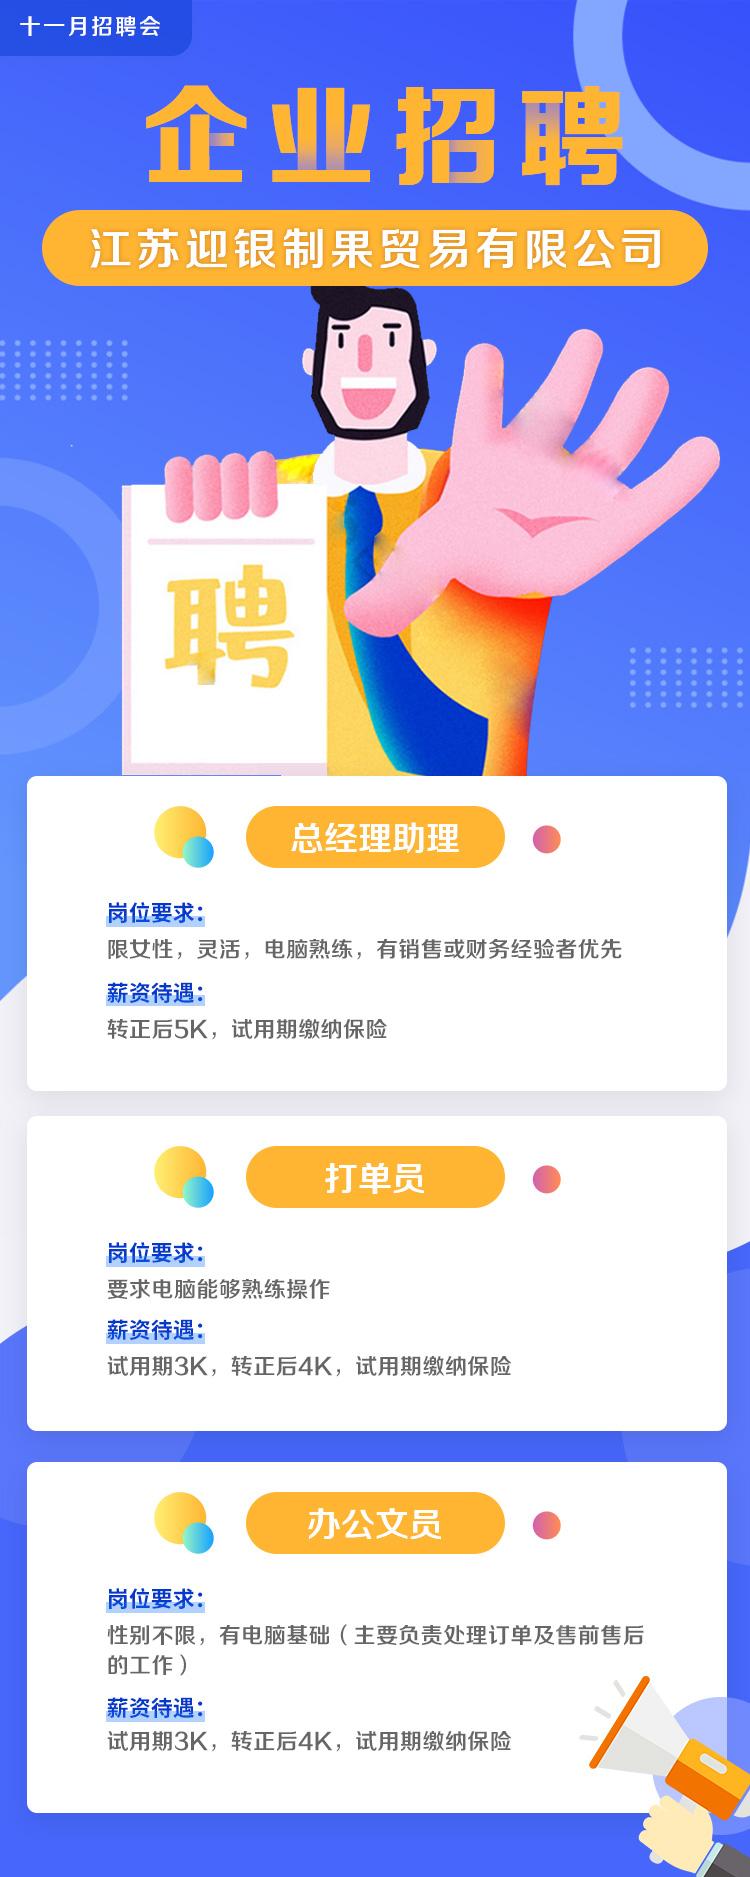 江苏迎银制果贸易有限公司招聘